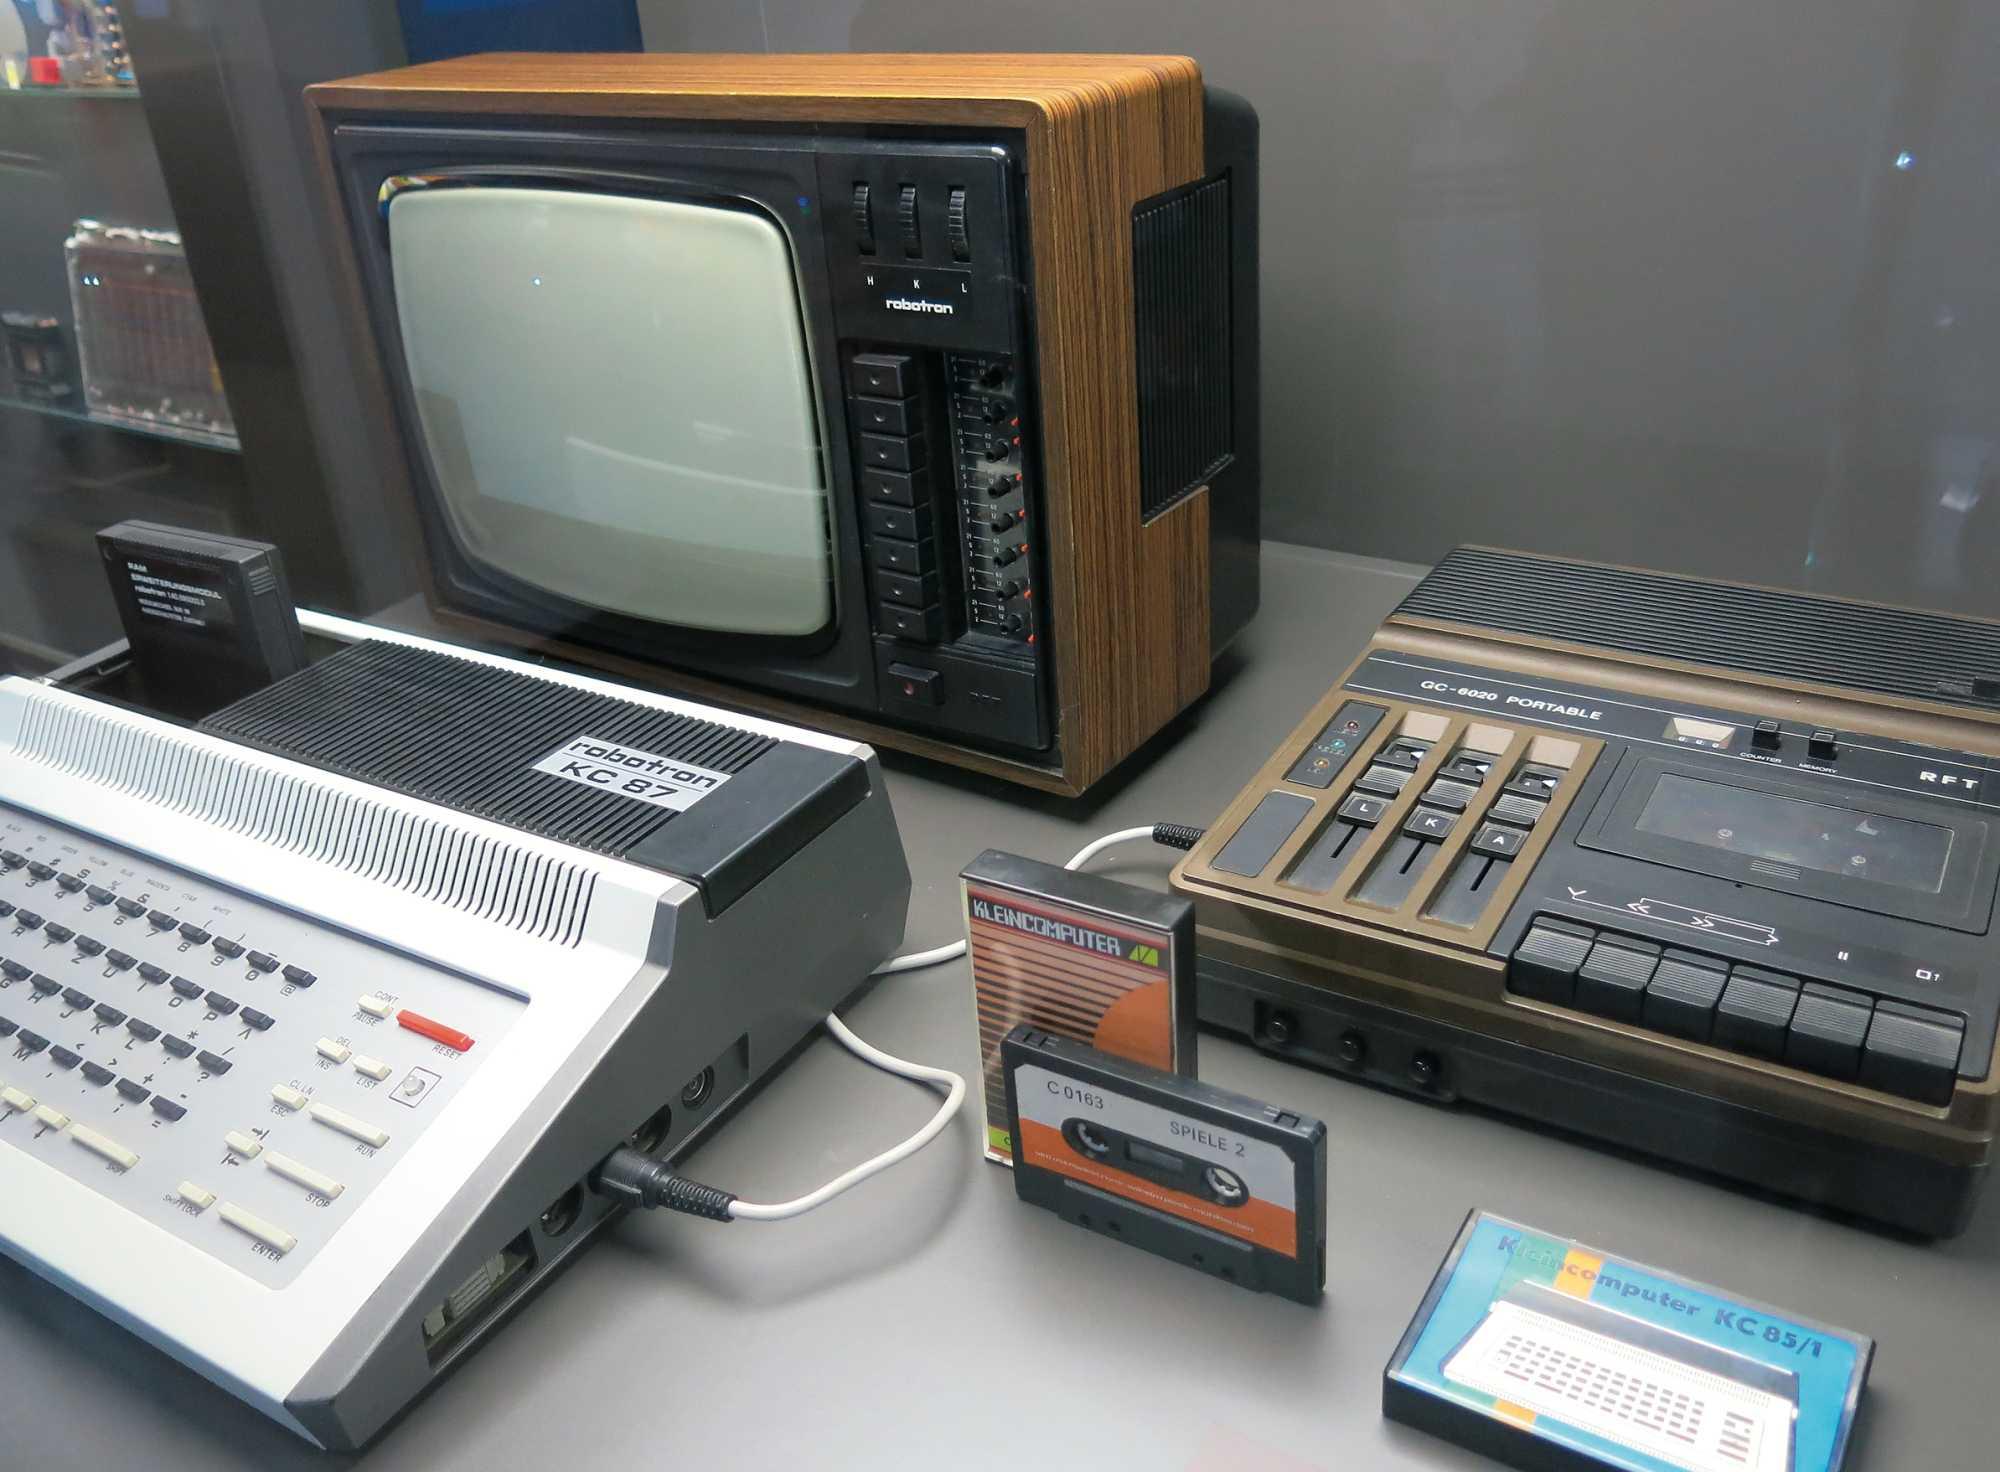 Z 9001, KC 85/1 und KC 87 hieß die Modellreihe der Kleincomputer von Robotron. Leistungsmäßig war sie in etwa mit dem VC 20 vergleichbar, dem Vorläufer des C64.